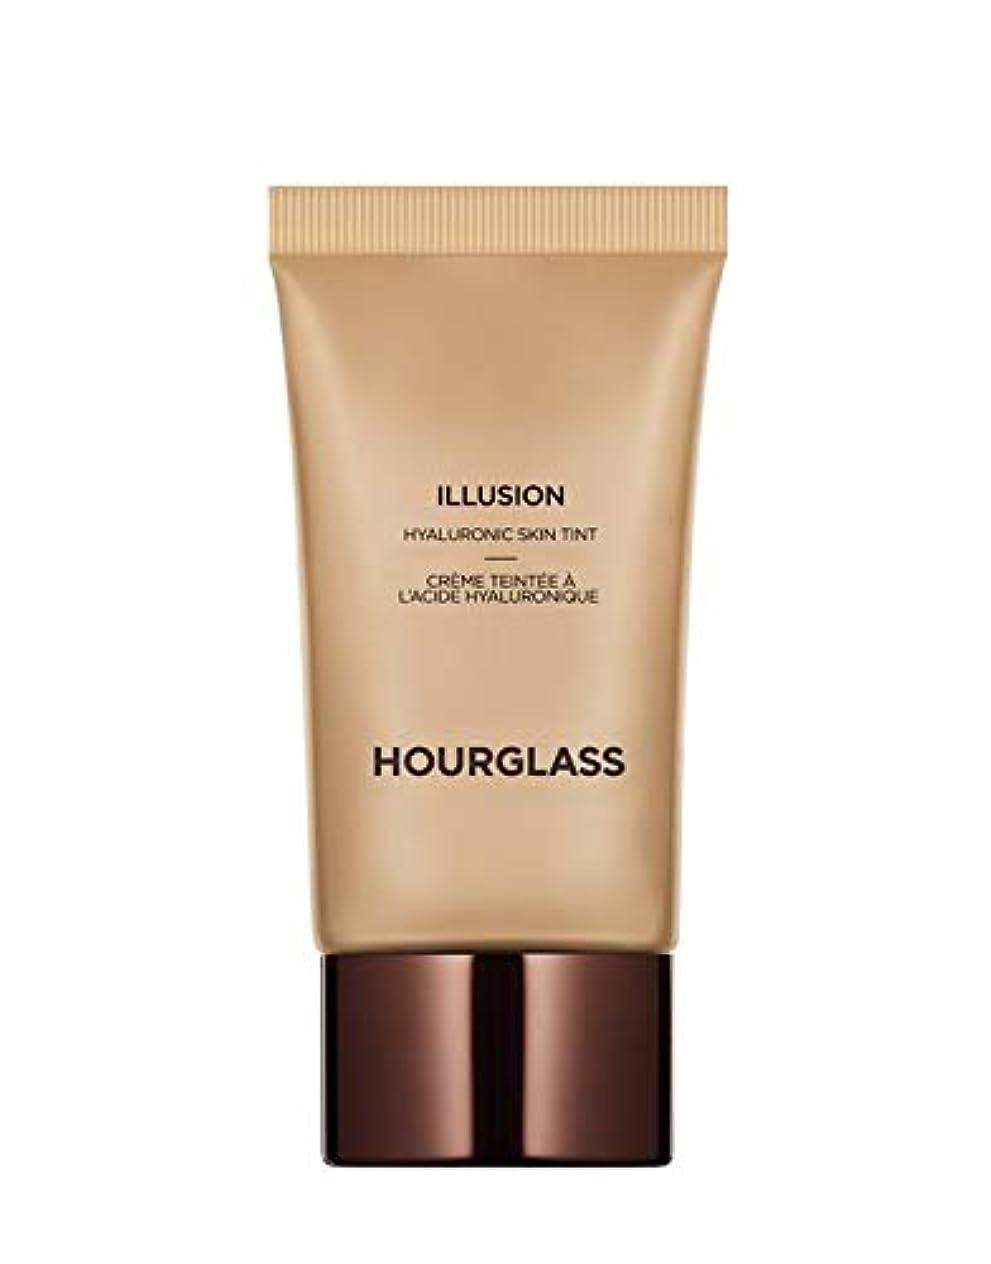 愚かな肯定的ひねりHOURGLASS Illusion® Hyaluronic Skin Tint 1 oz/ 30 mL (Warm Ivory)